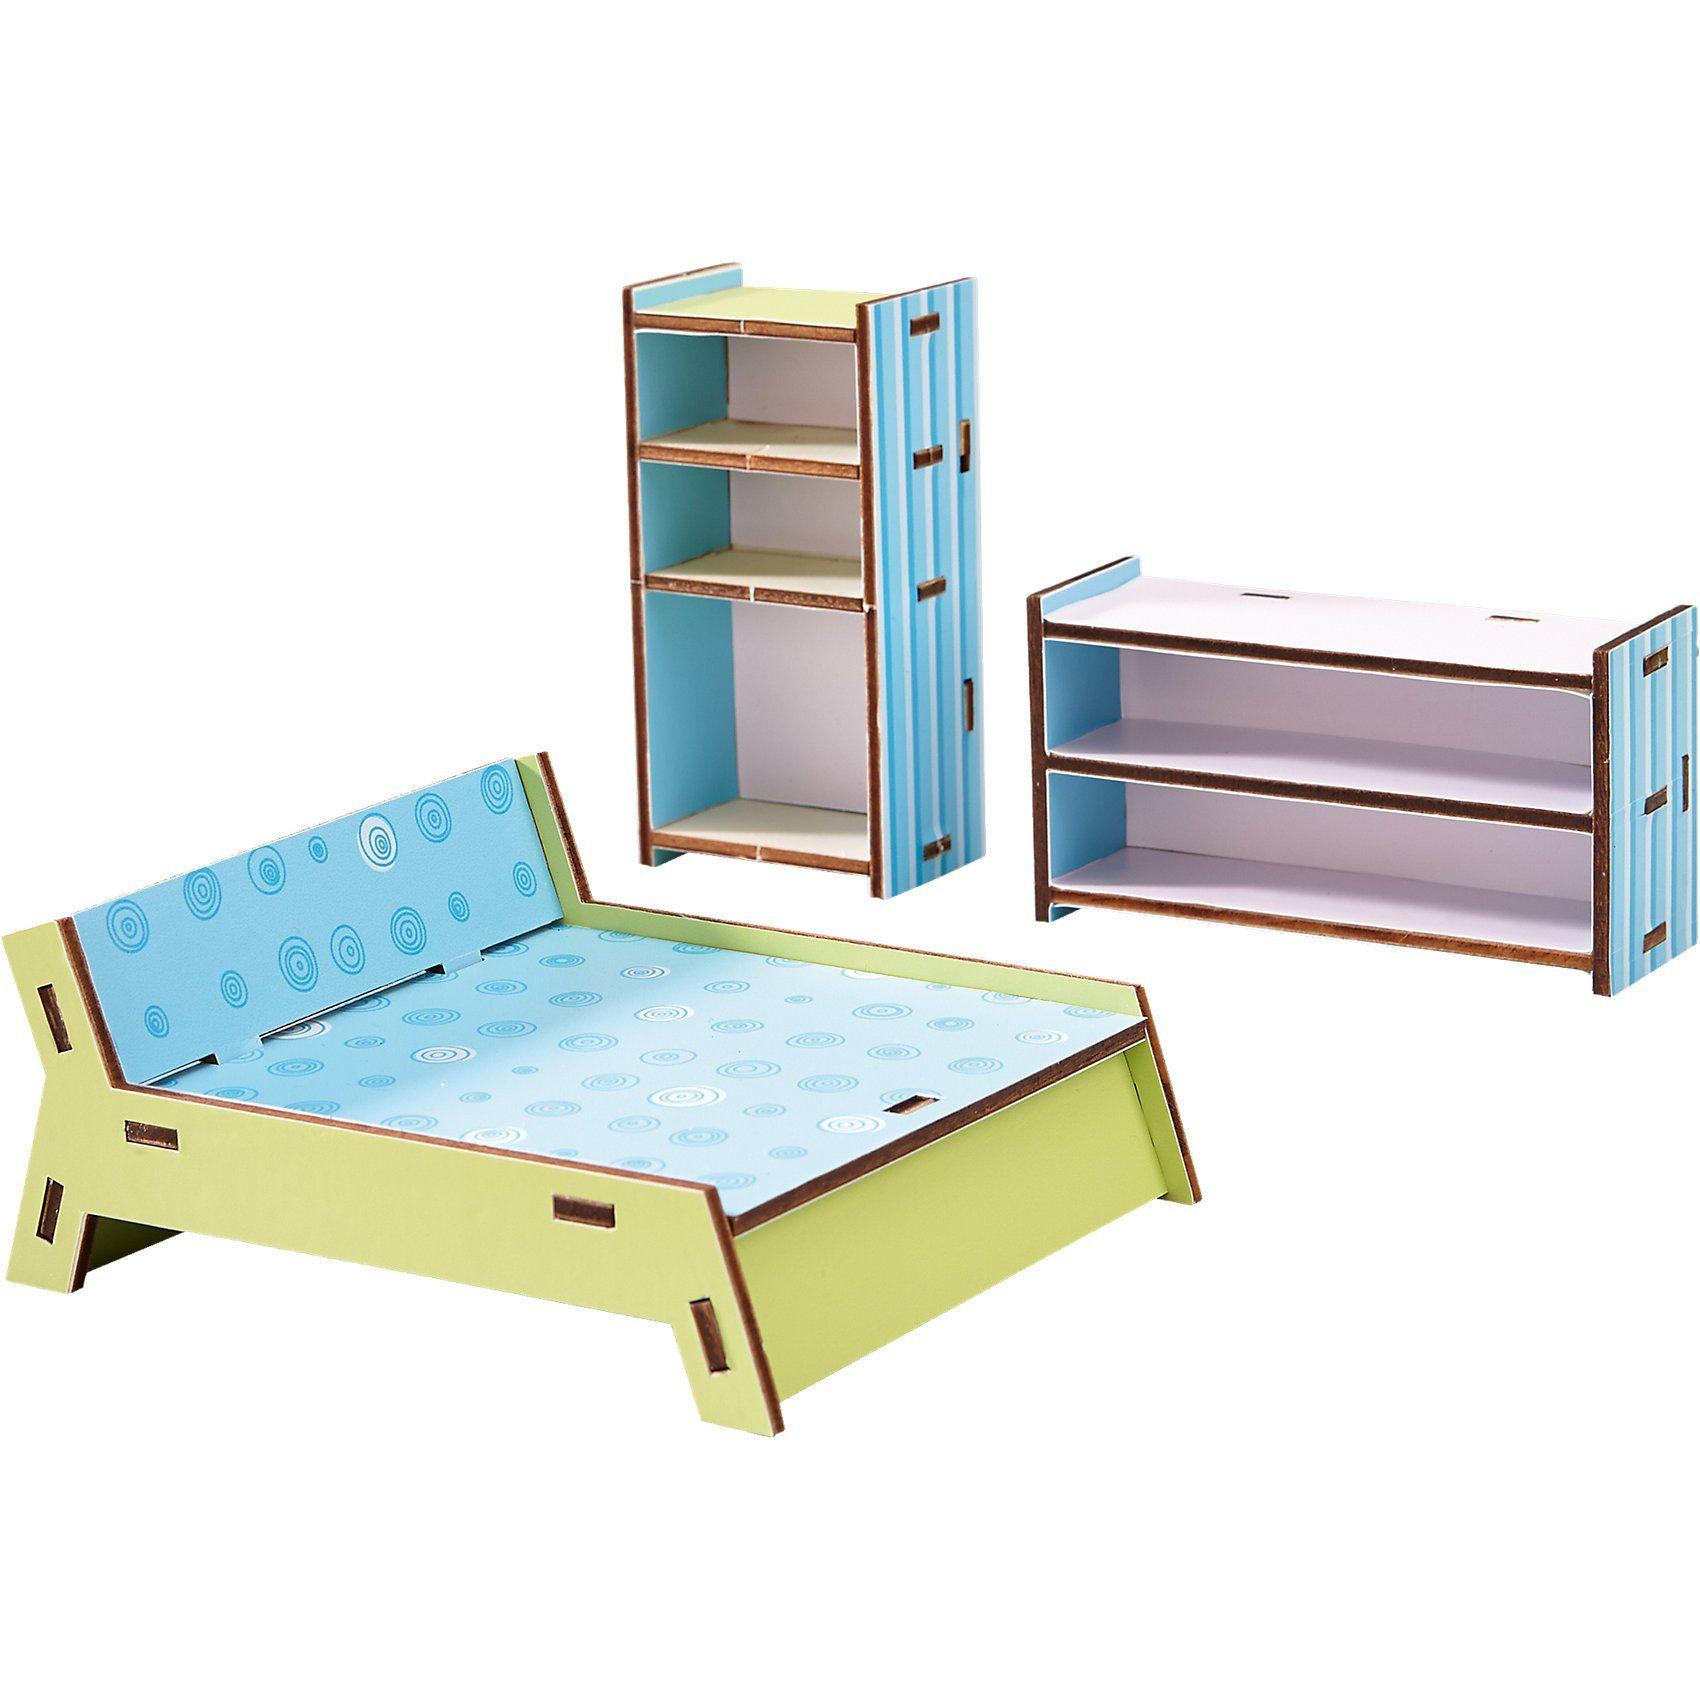 Haba 300506 Puppenhaus Little Friends Möbel Schlafzimmer